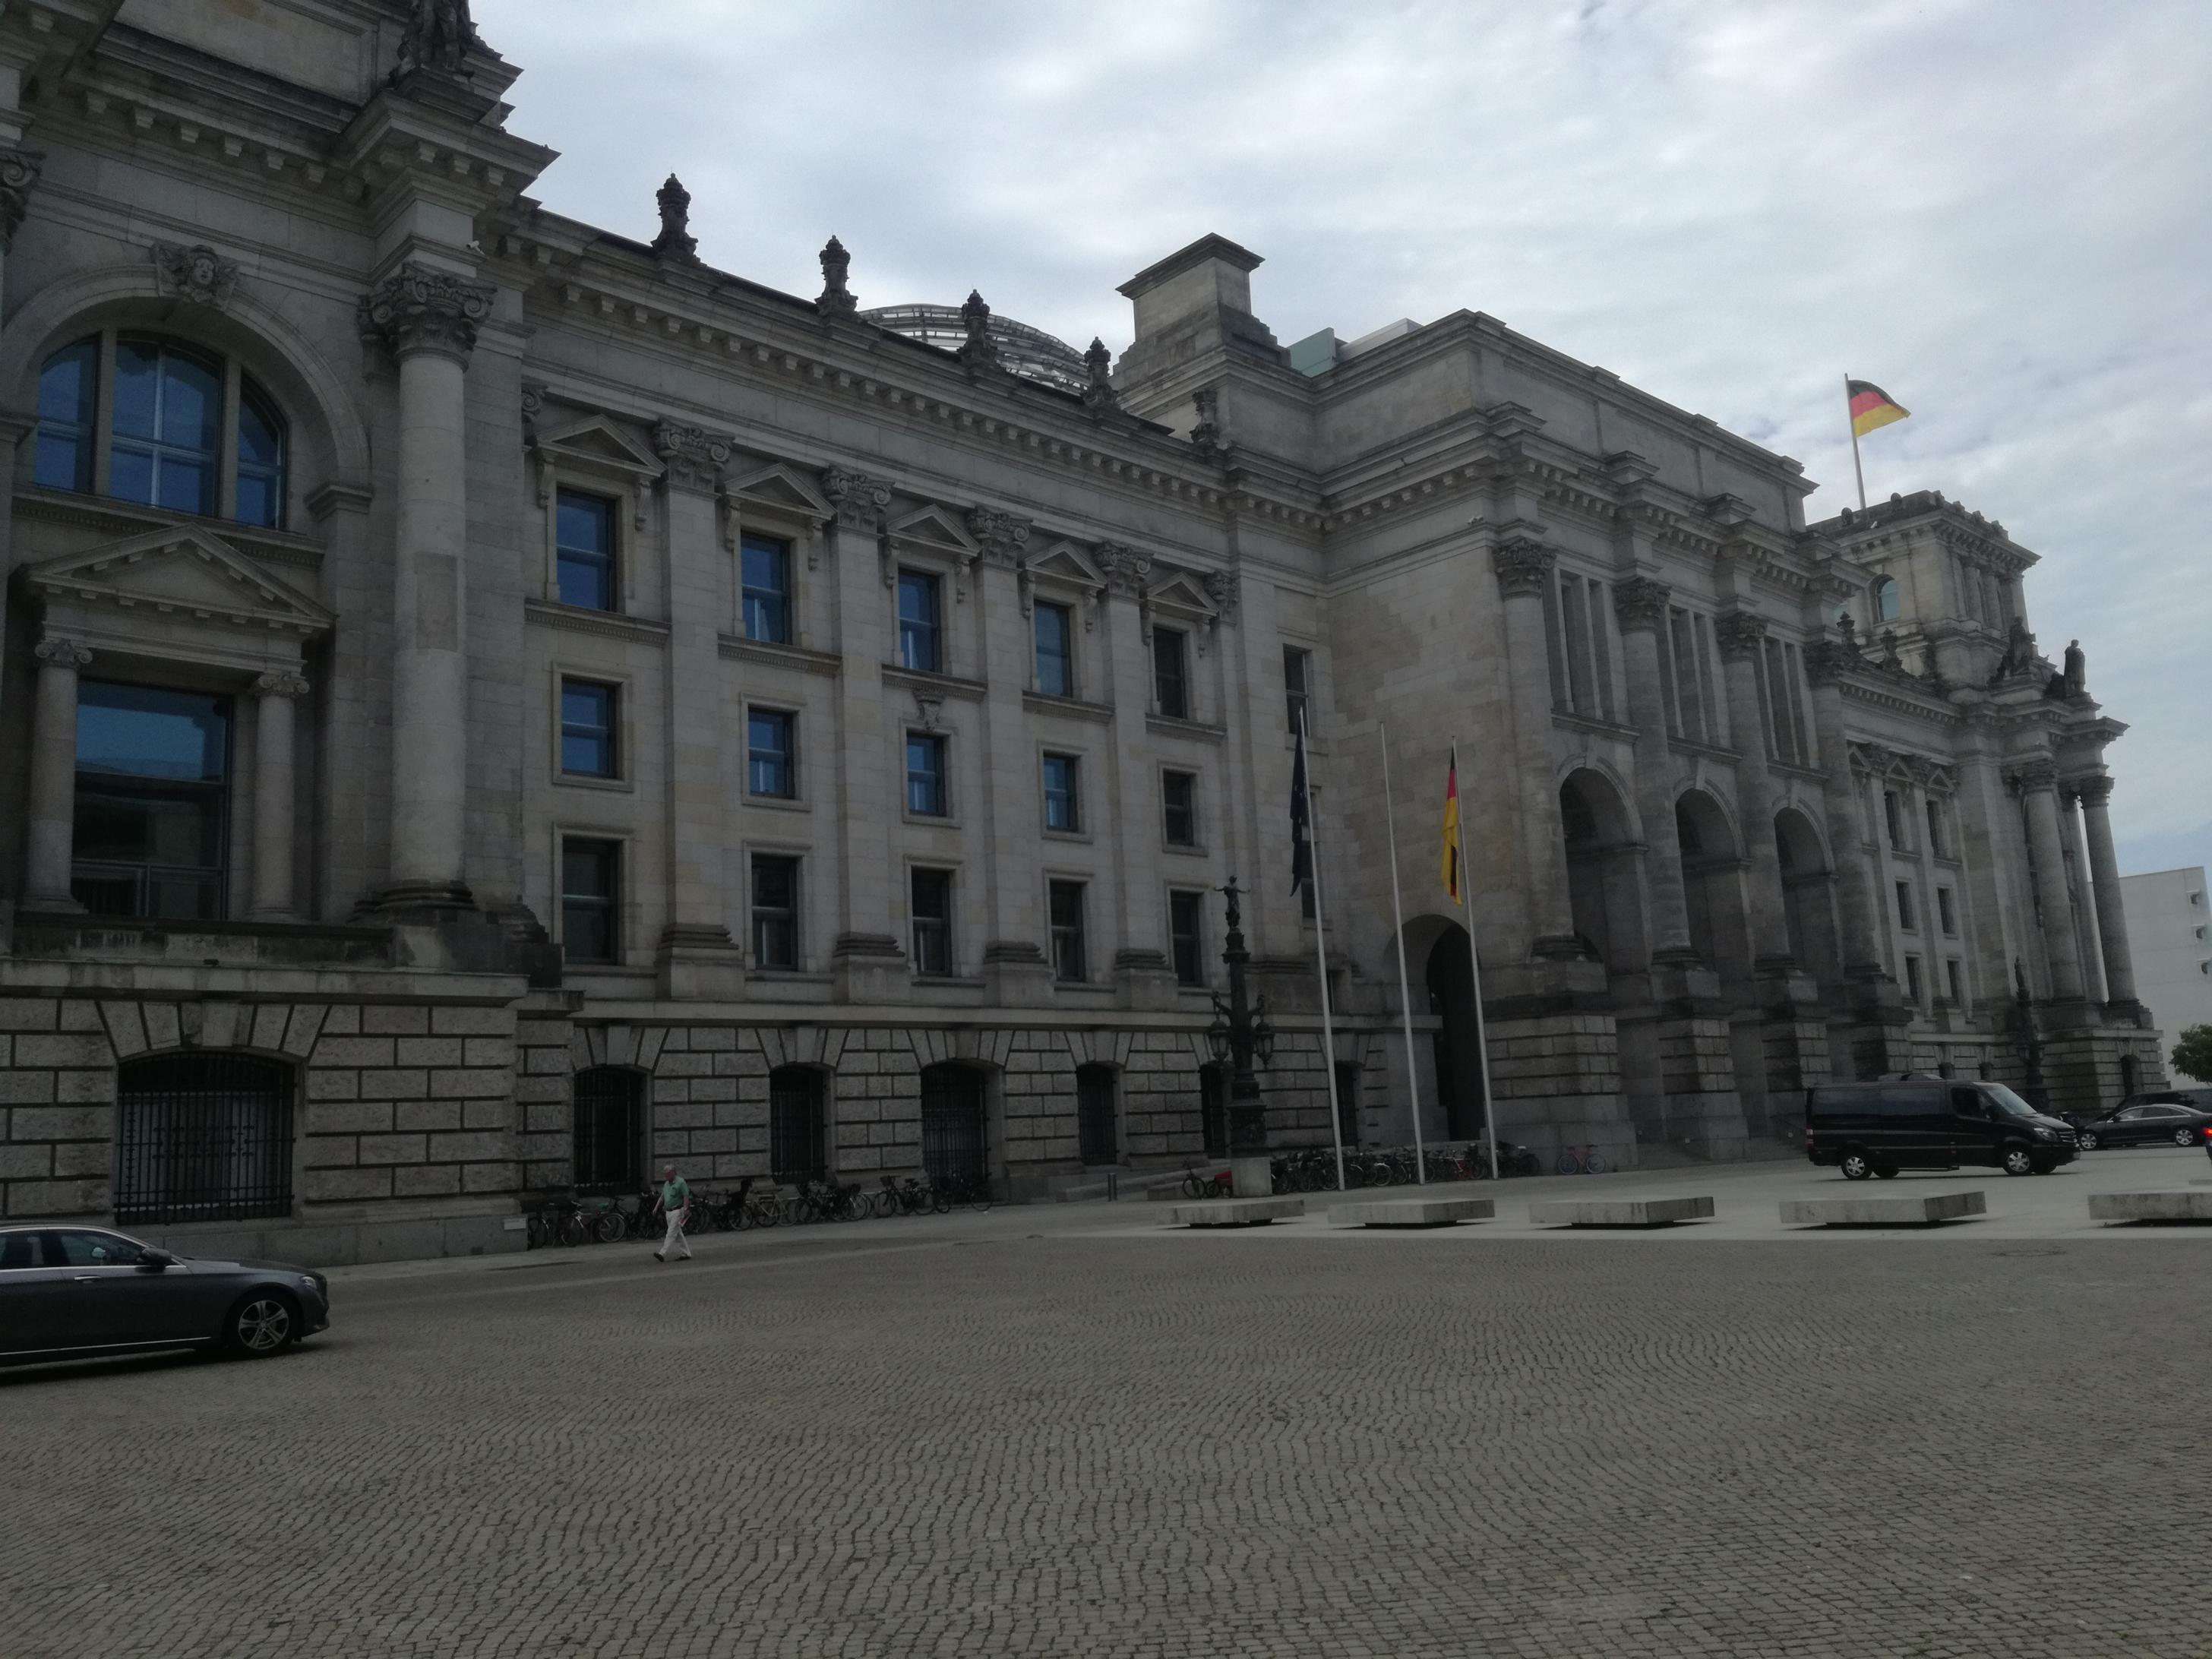 A Reichstag